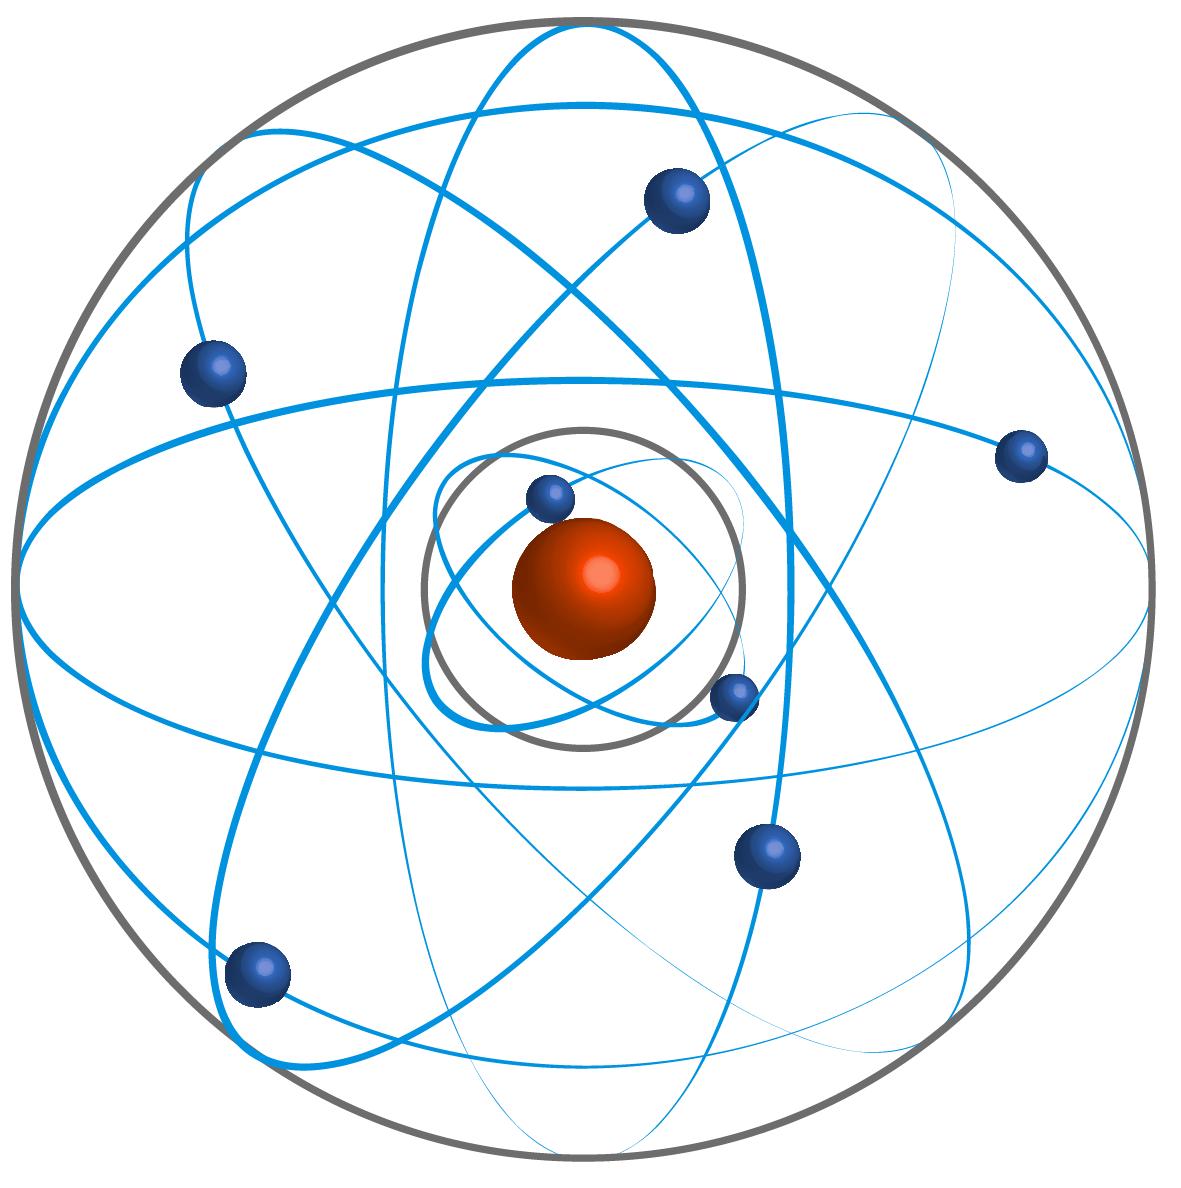 Noyau positif avec des électrons qui orbitent autour. Les orbites sont à des distances bien définies et on les appelle couches. Entre les deux, du vide.